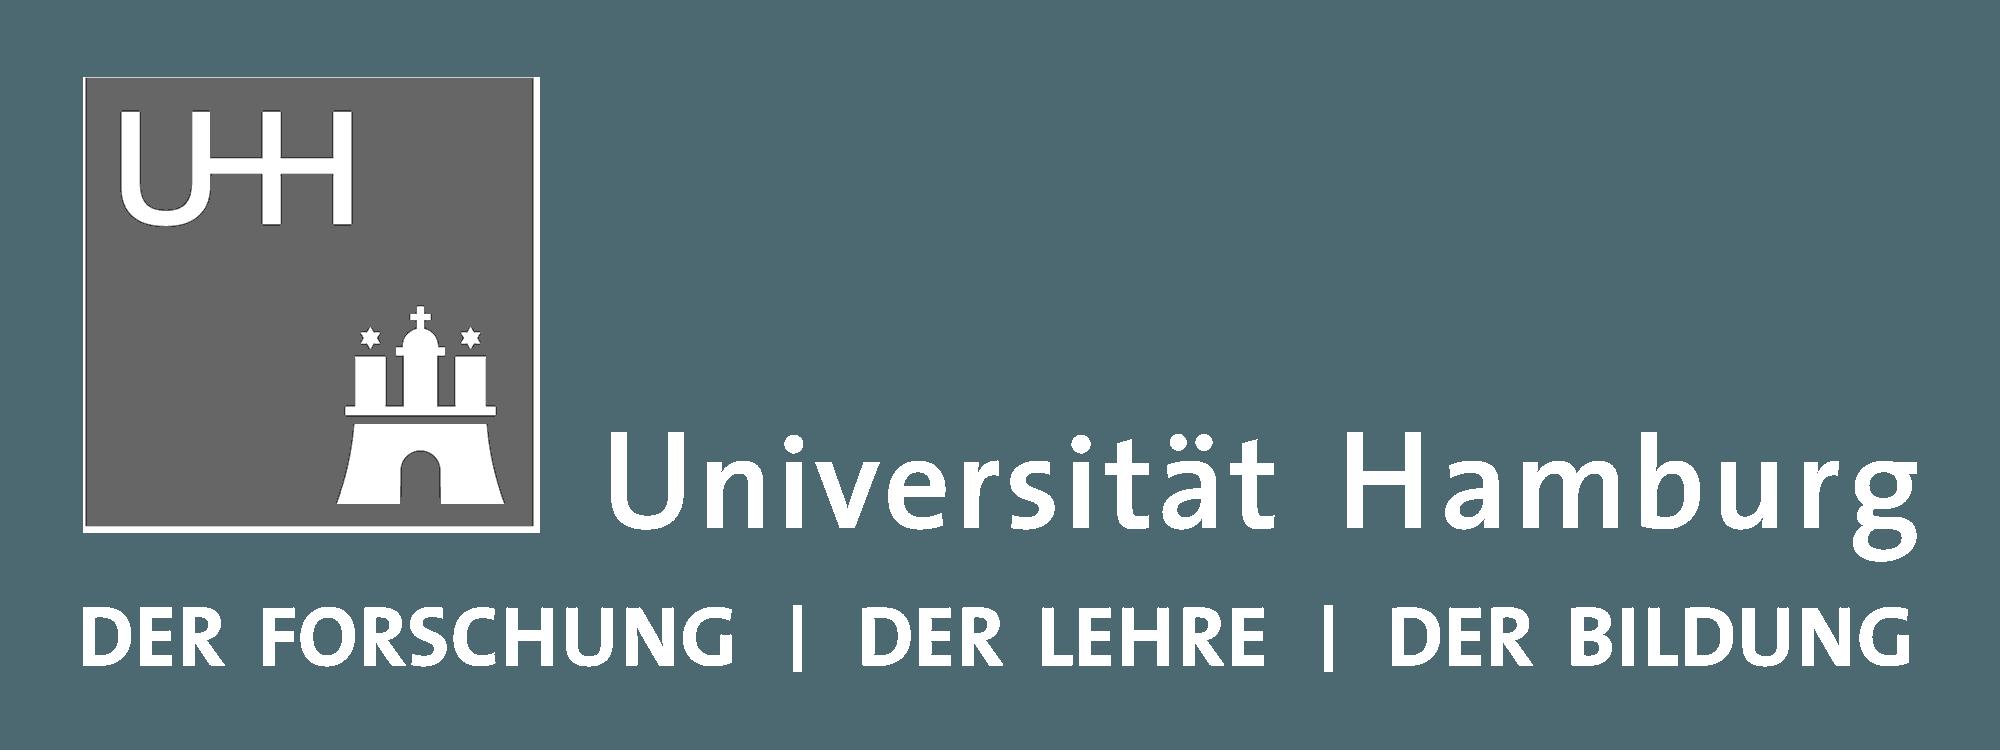 Logo der Universität Hamburg